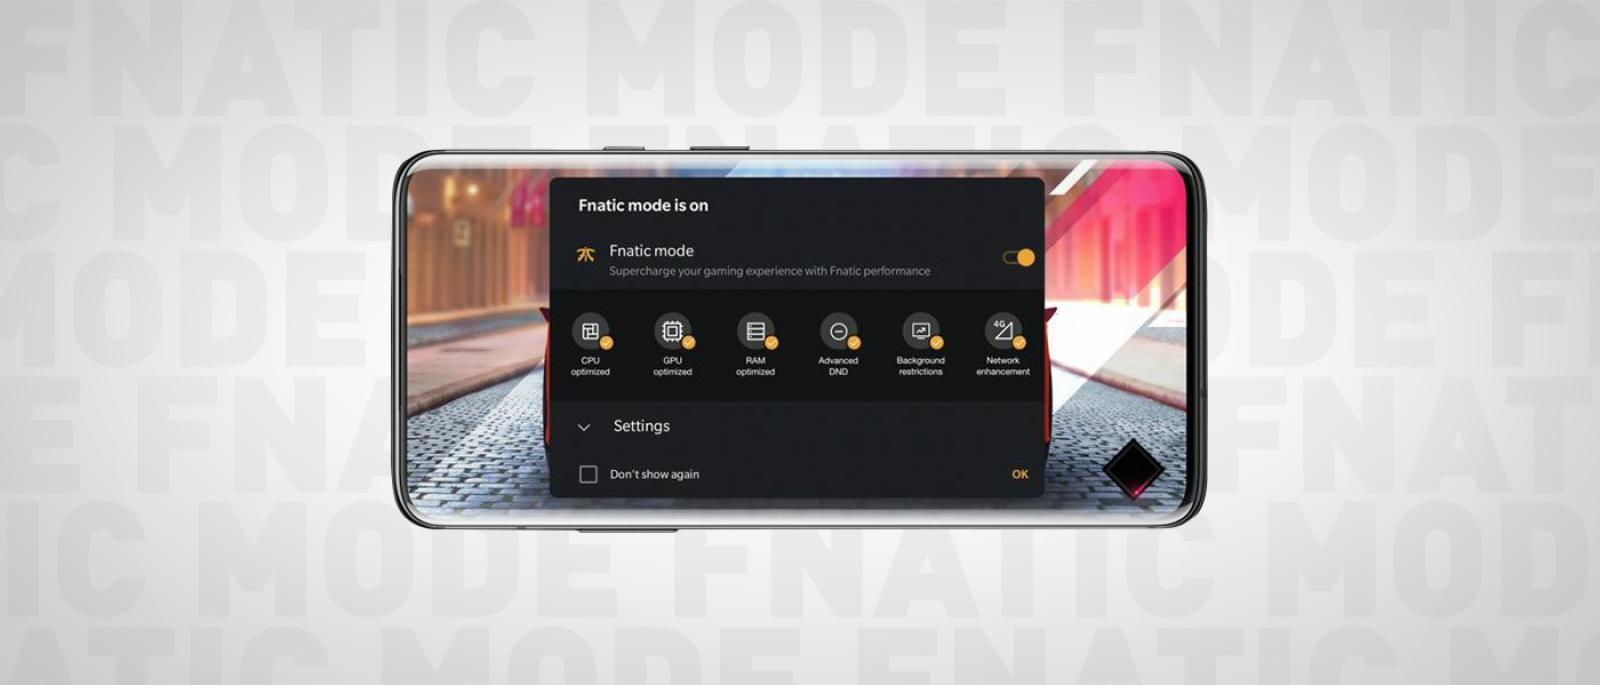 OnePlusOnePlus-7OnePlus-7-ProFnatic-ModeGaming-ModeGamer-ModeOxygenOS-9.5.4OnePlus-Gamer-ModeOnePlus-Fnatic-Modeaktivierennutzenverwenden-1.jpg